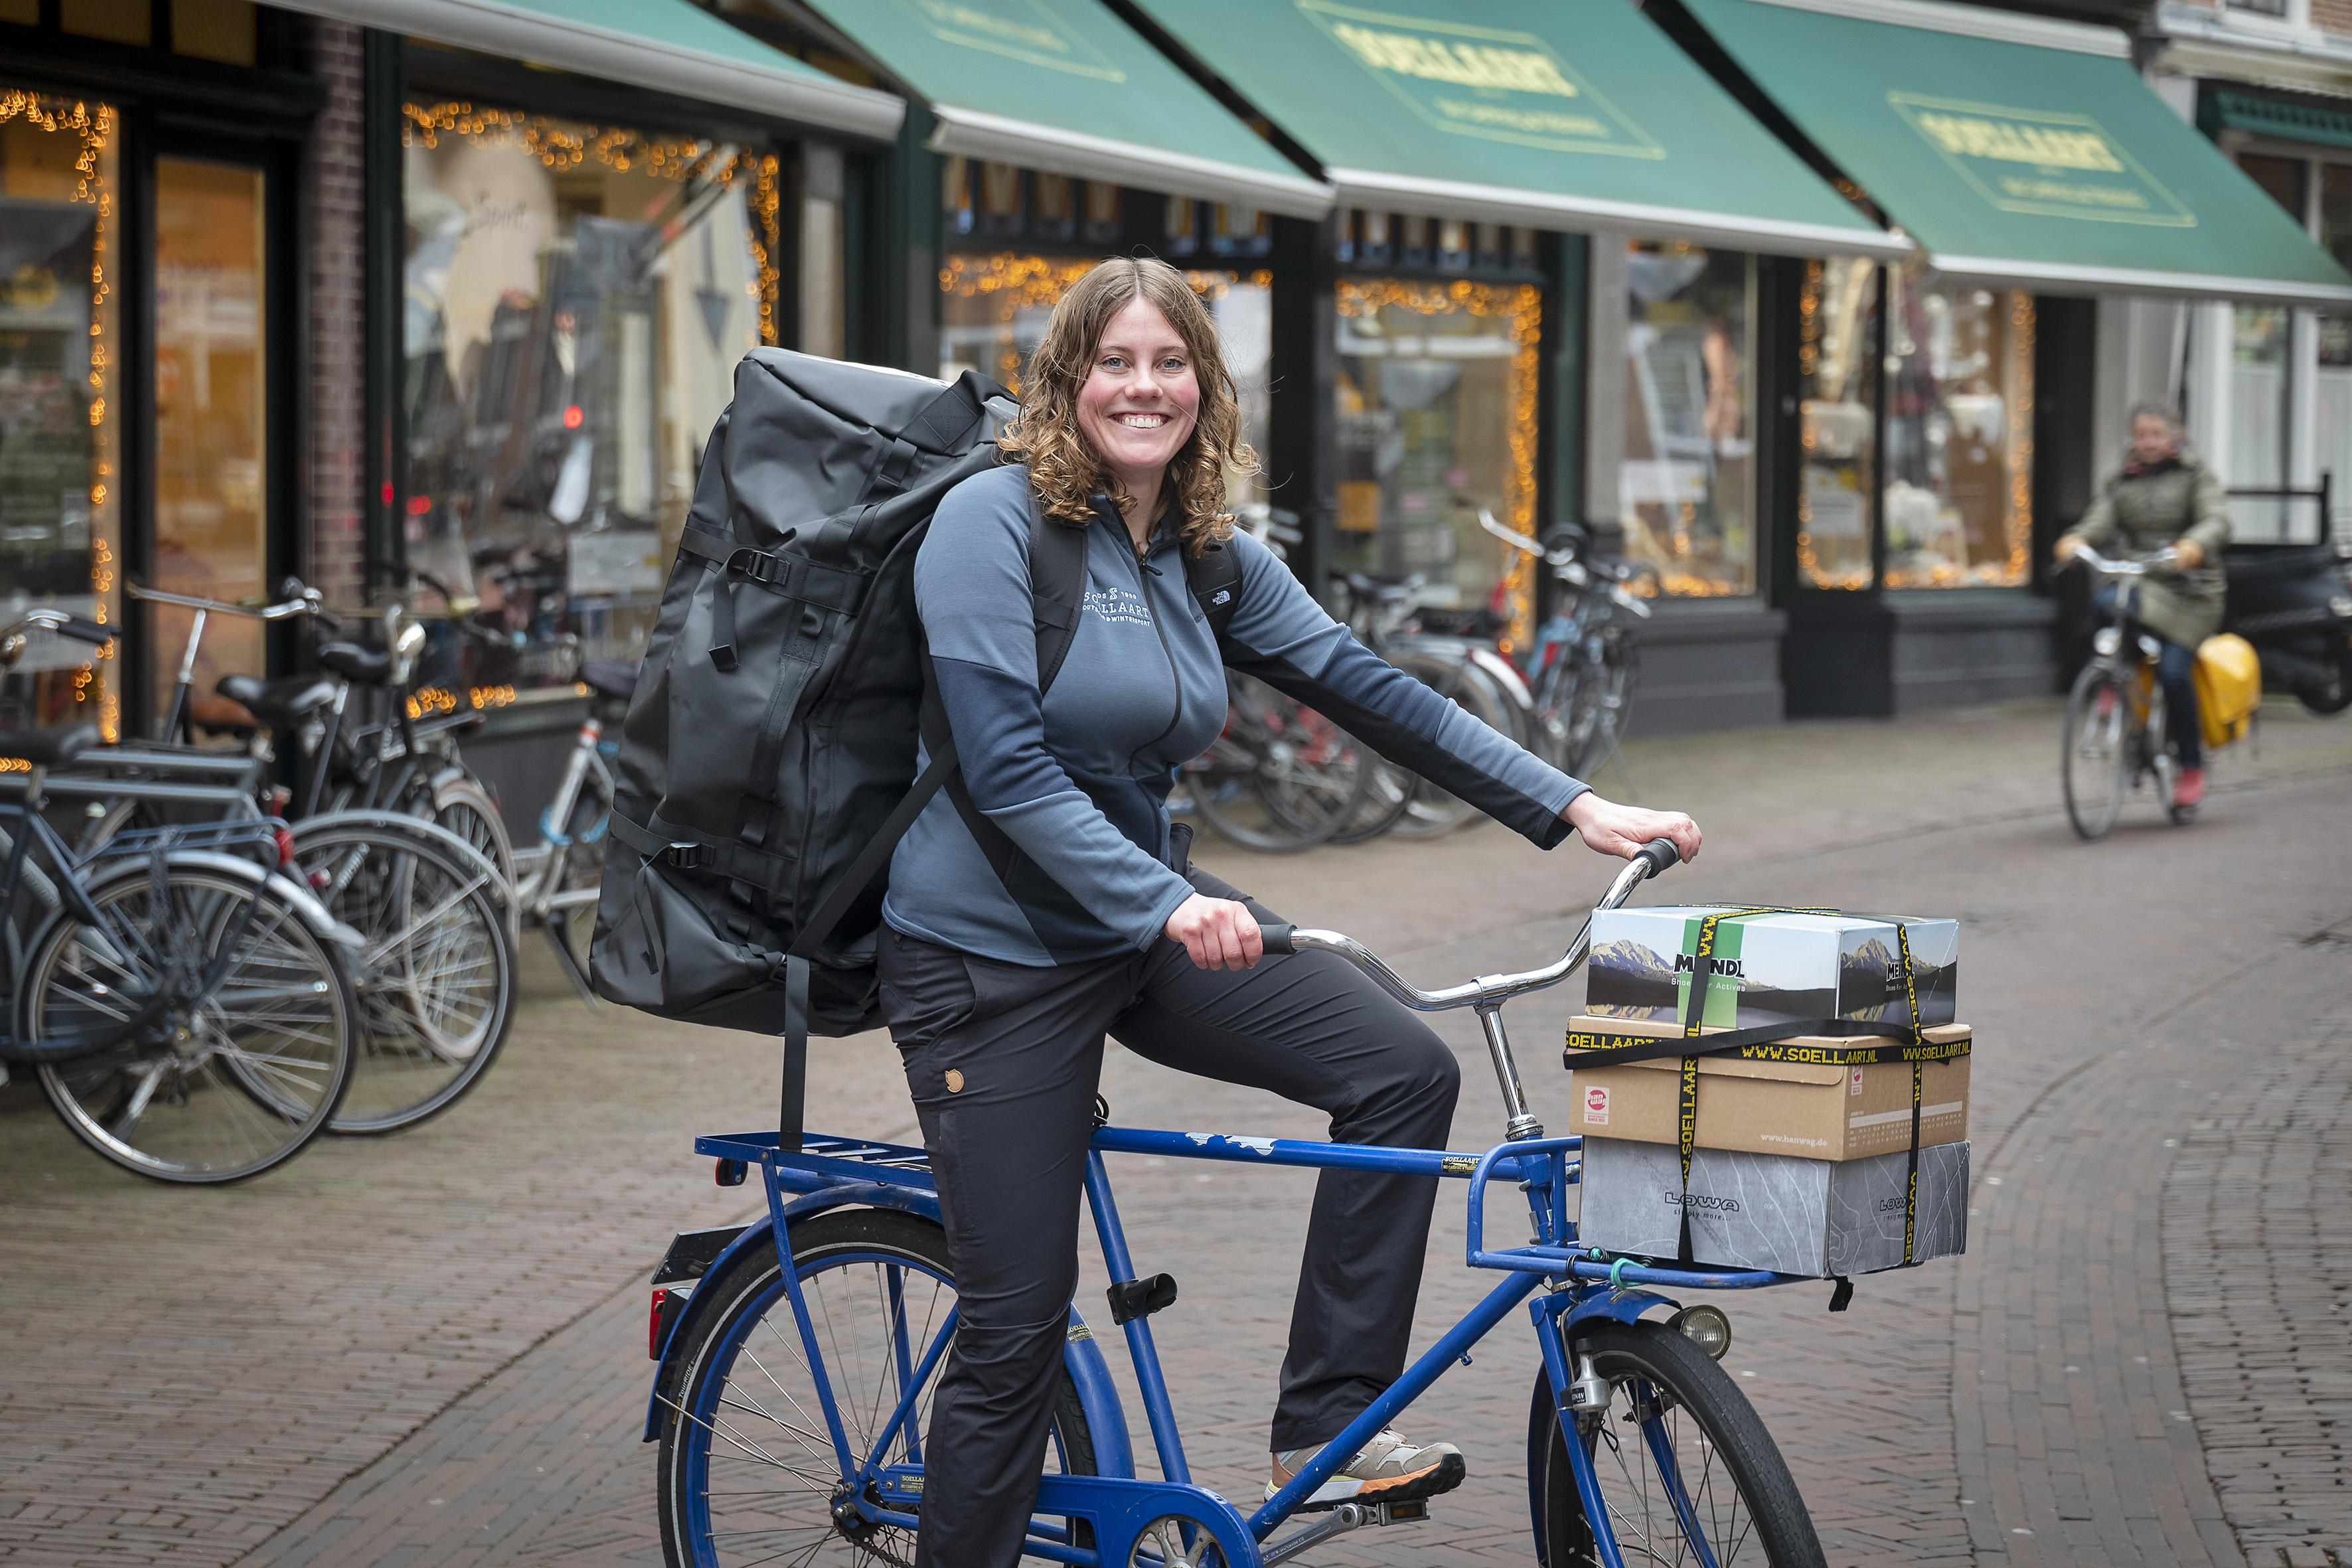 Medewerkers Haarlemse buitensportwinkel Soellaart helpen klanten thuis. 'Naar de mensen toegaan mag wel'